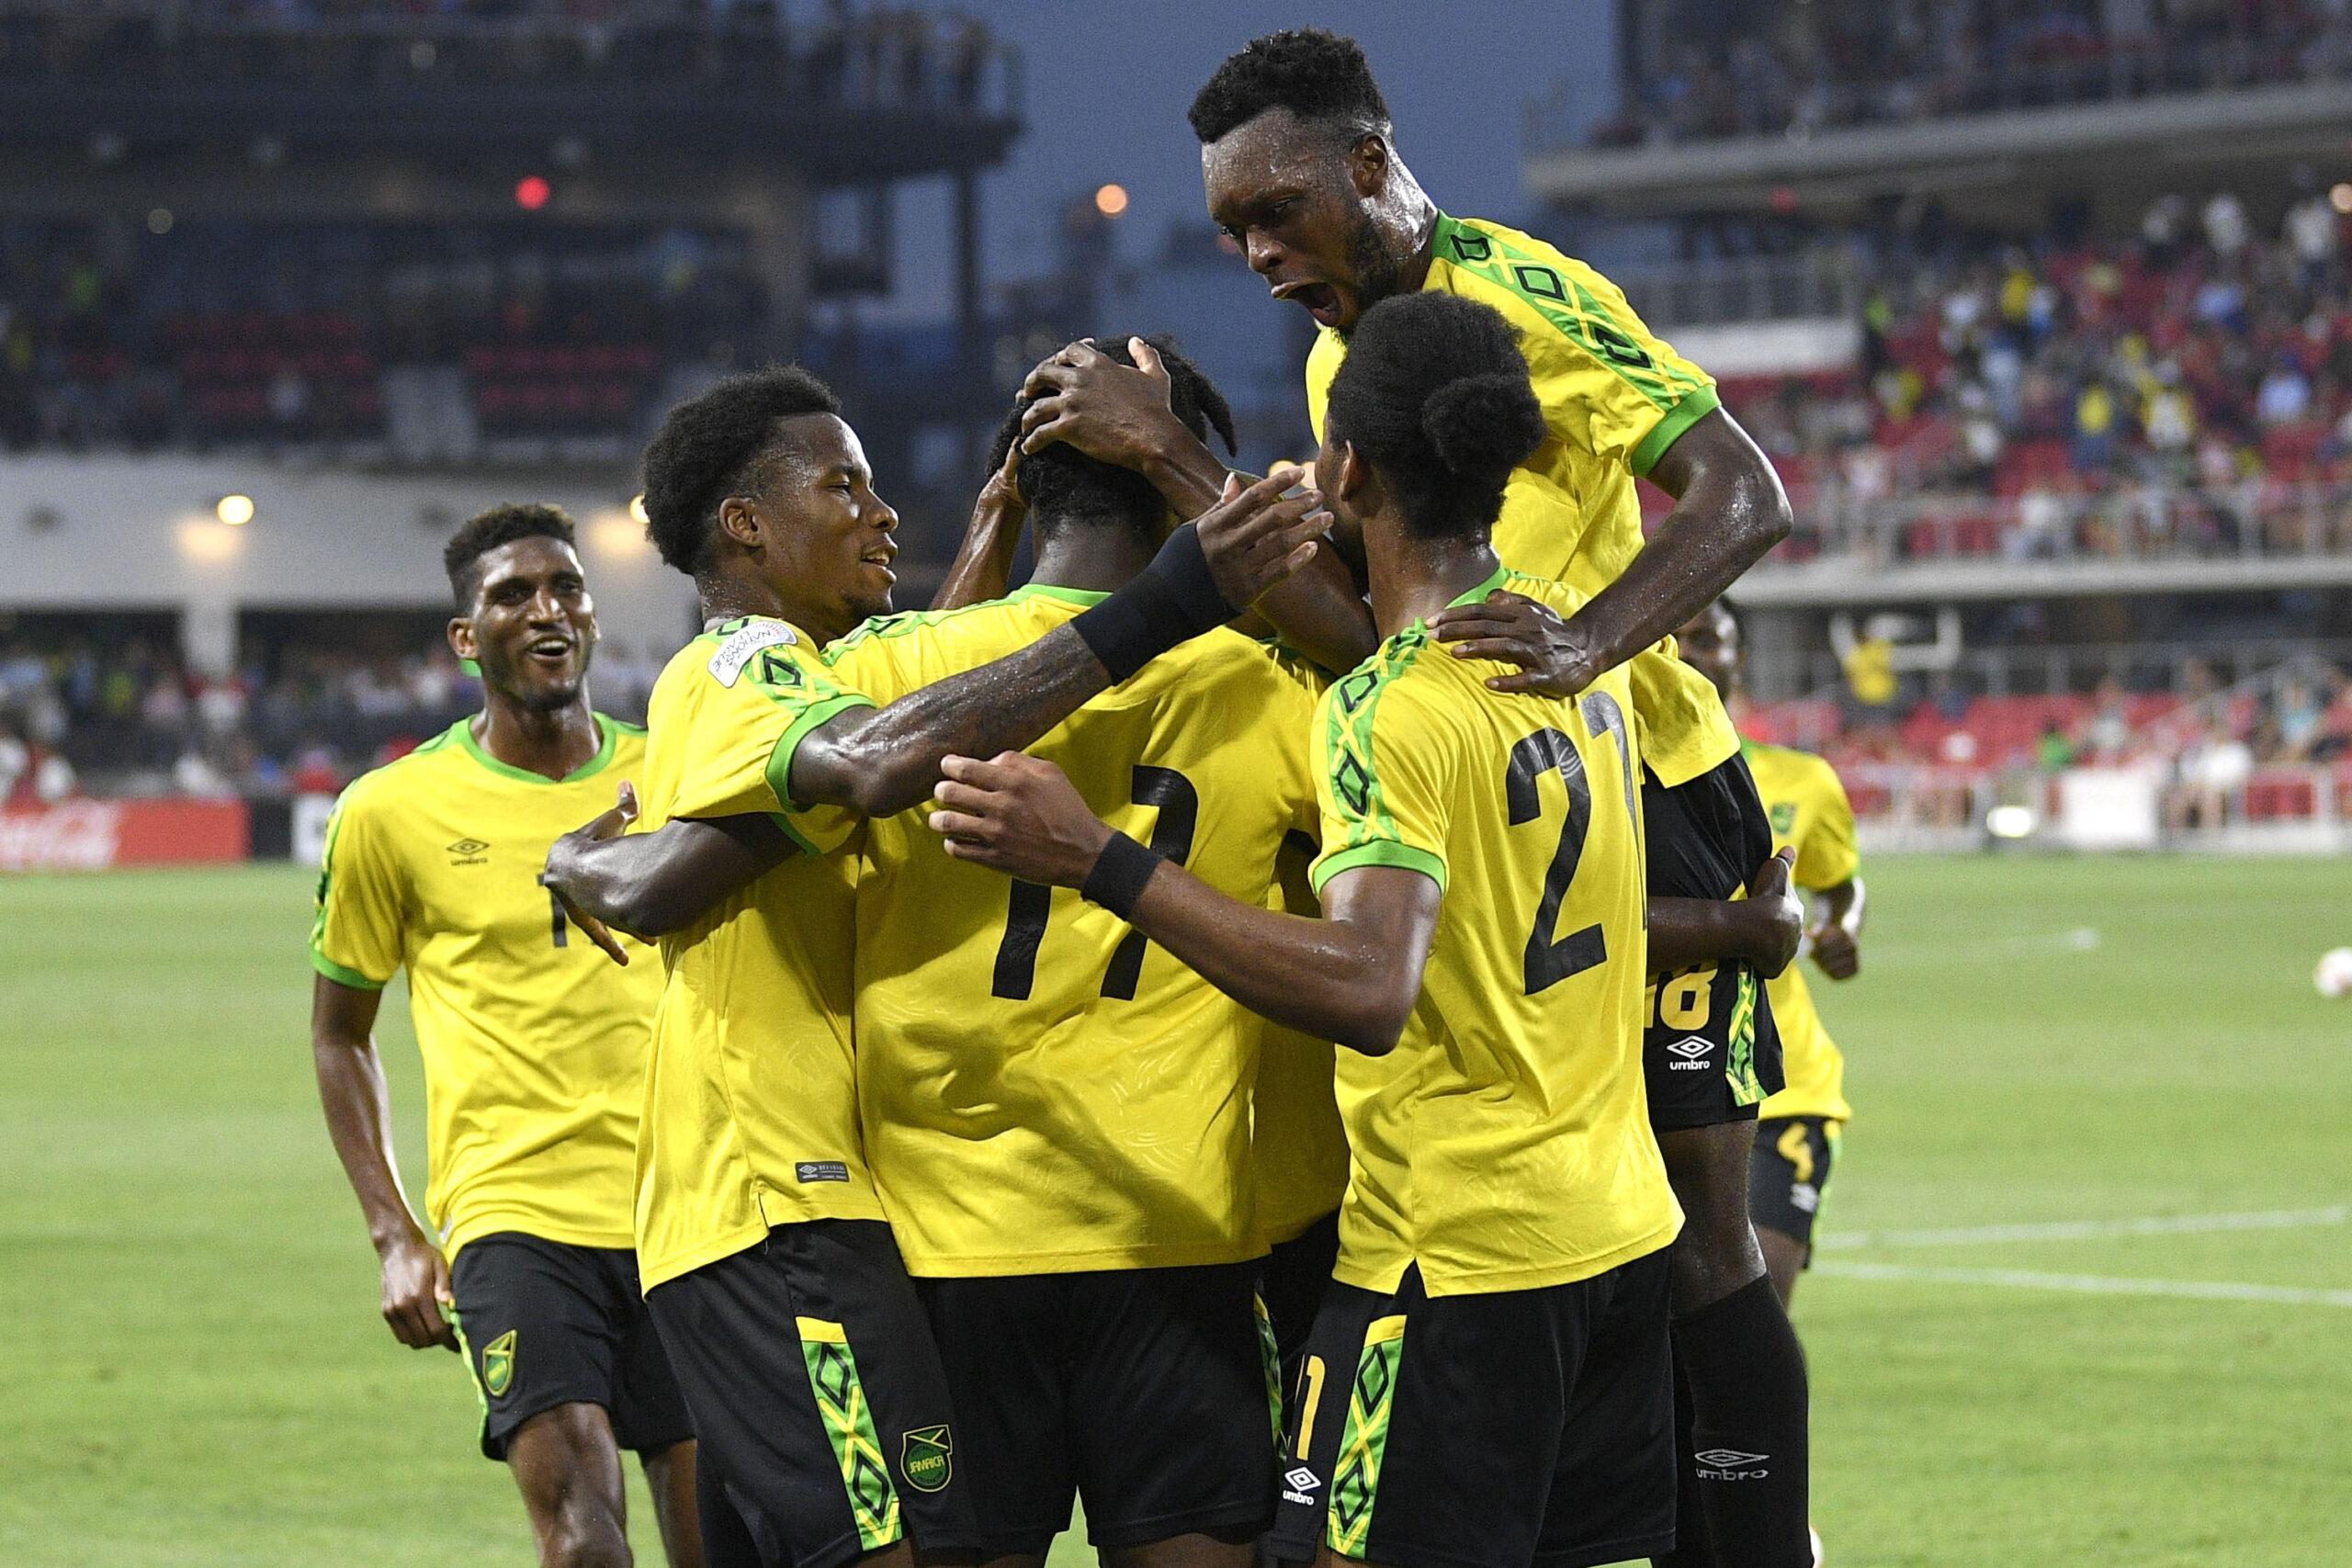 Tỷ lệ kèo nhà cái Guadeloupe vs Jamaica, 05h30 ngày 17/7, Gold Cup